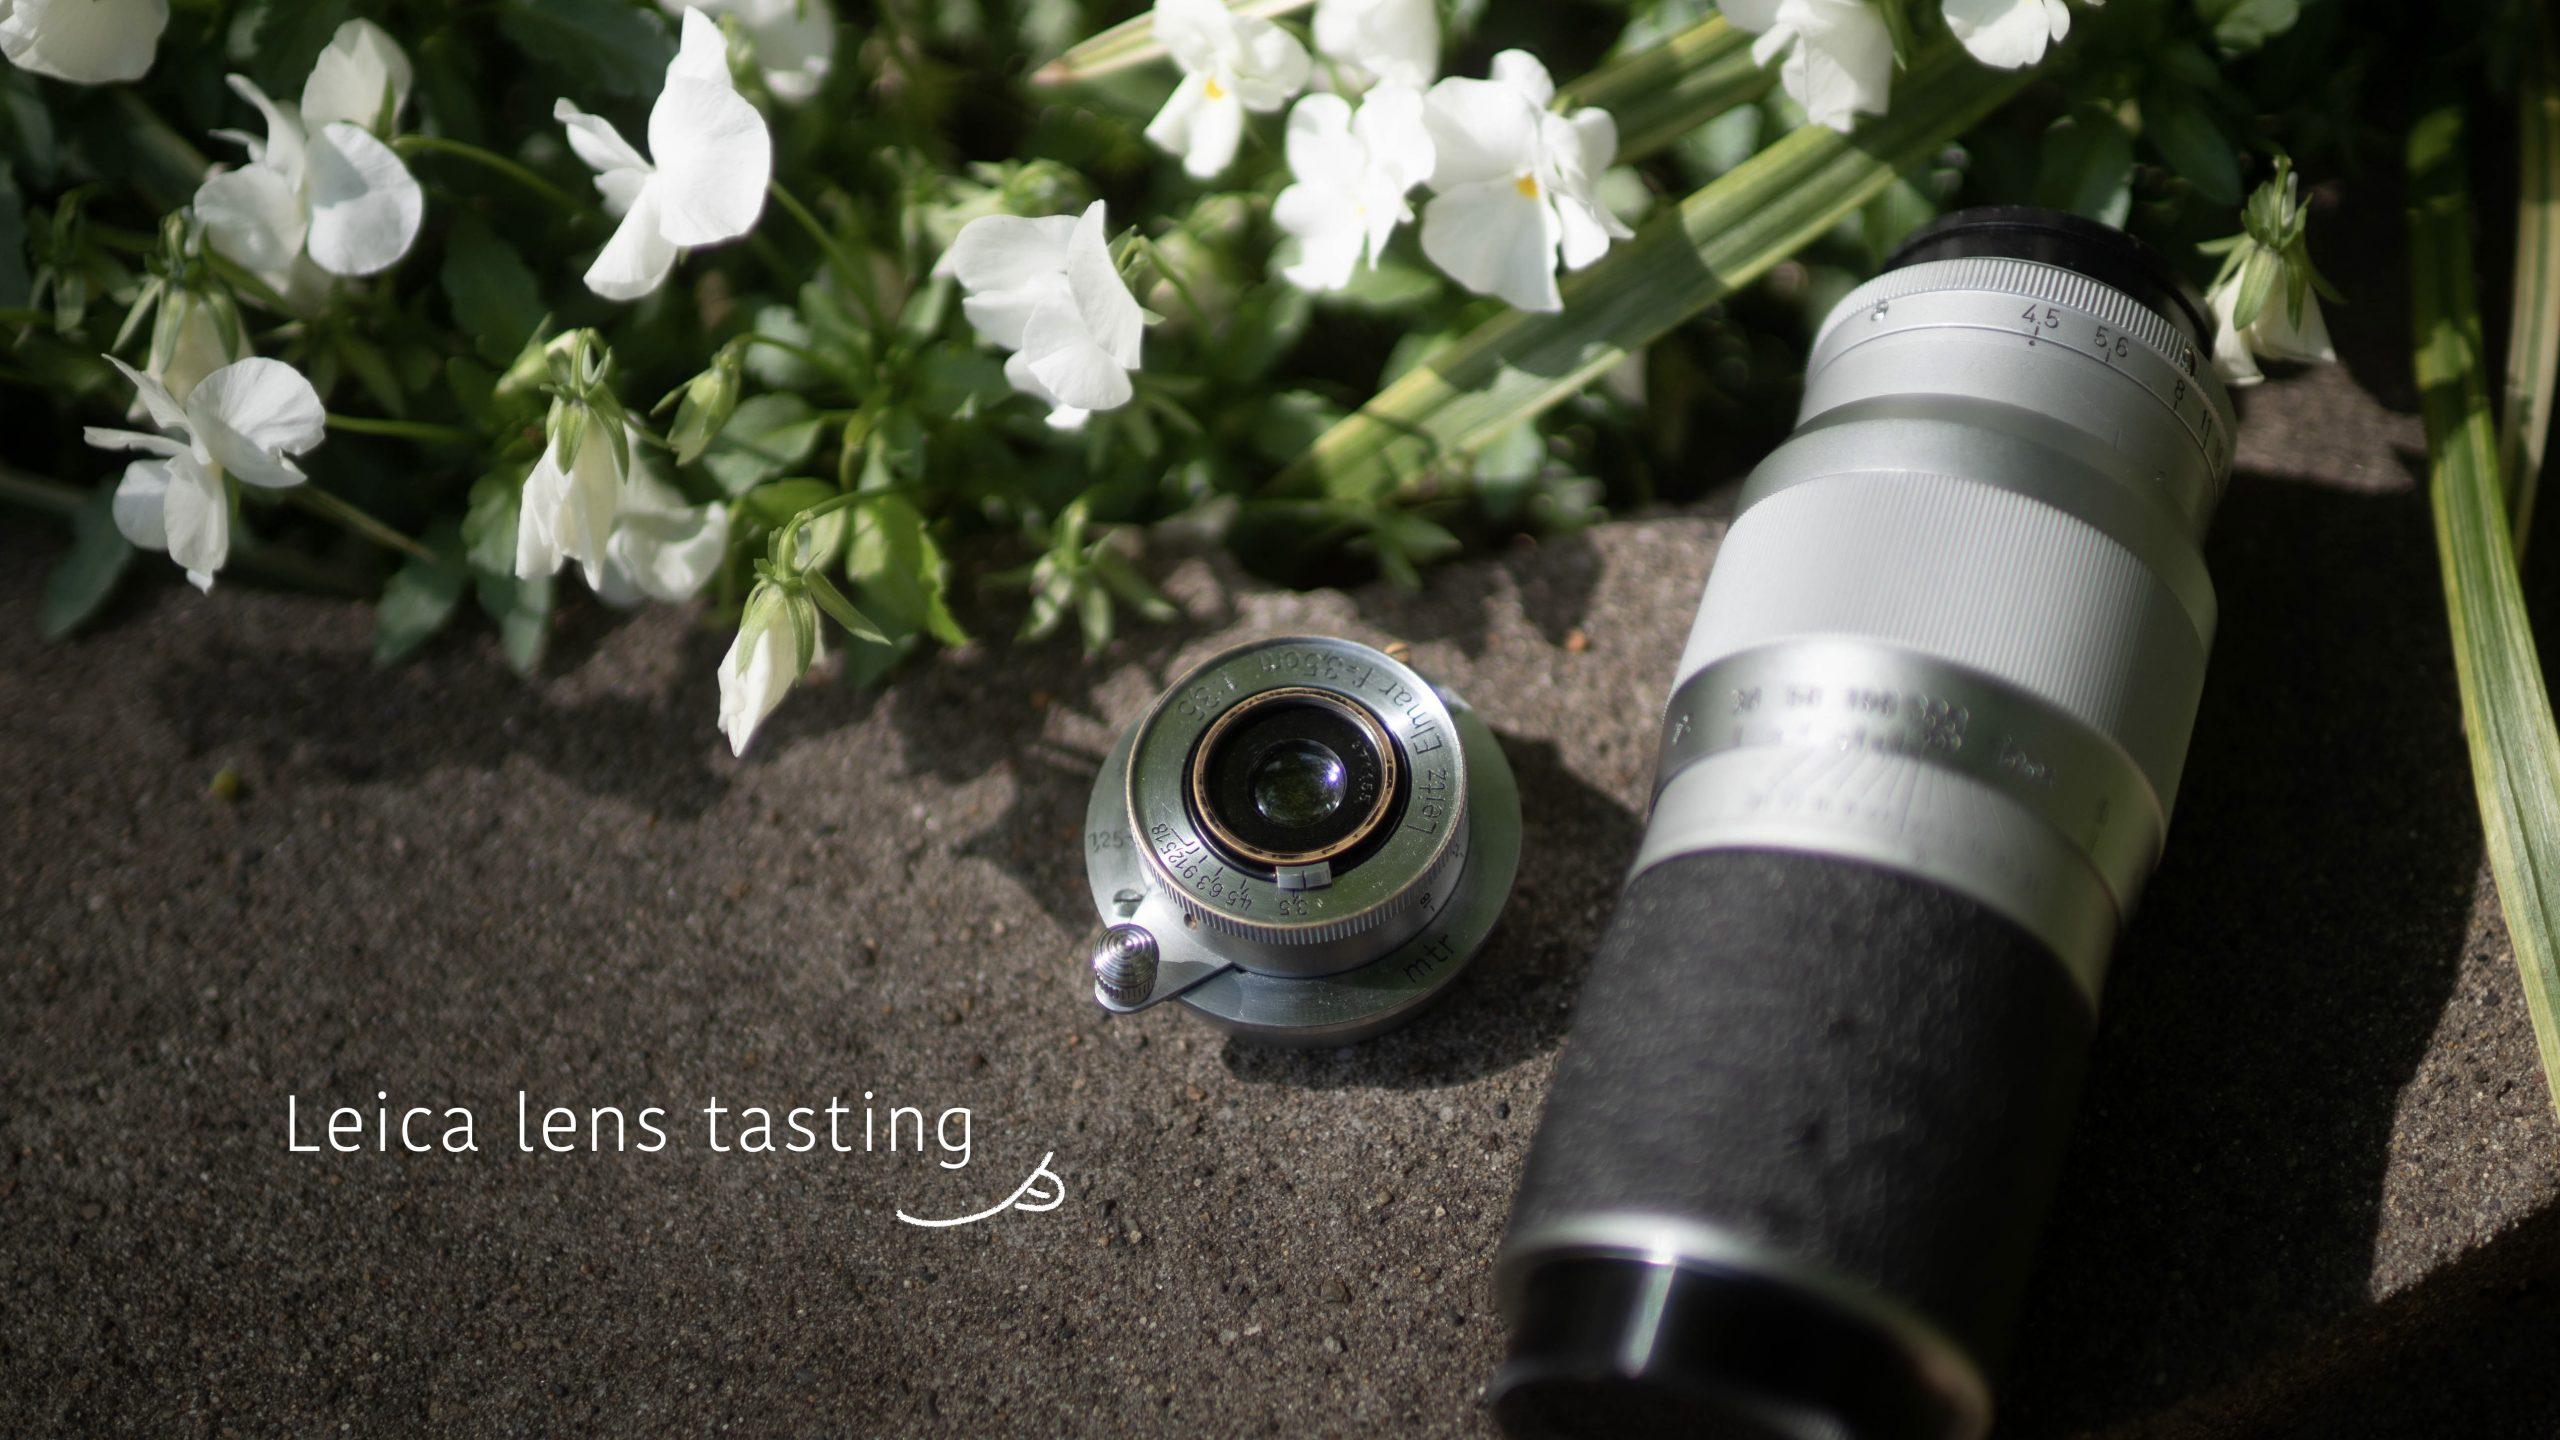 【Leica】Lens tasting 2